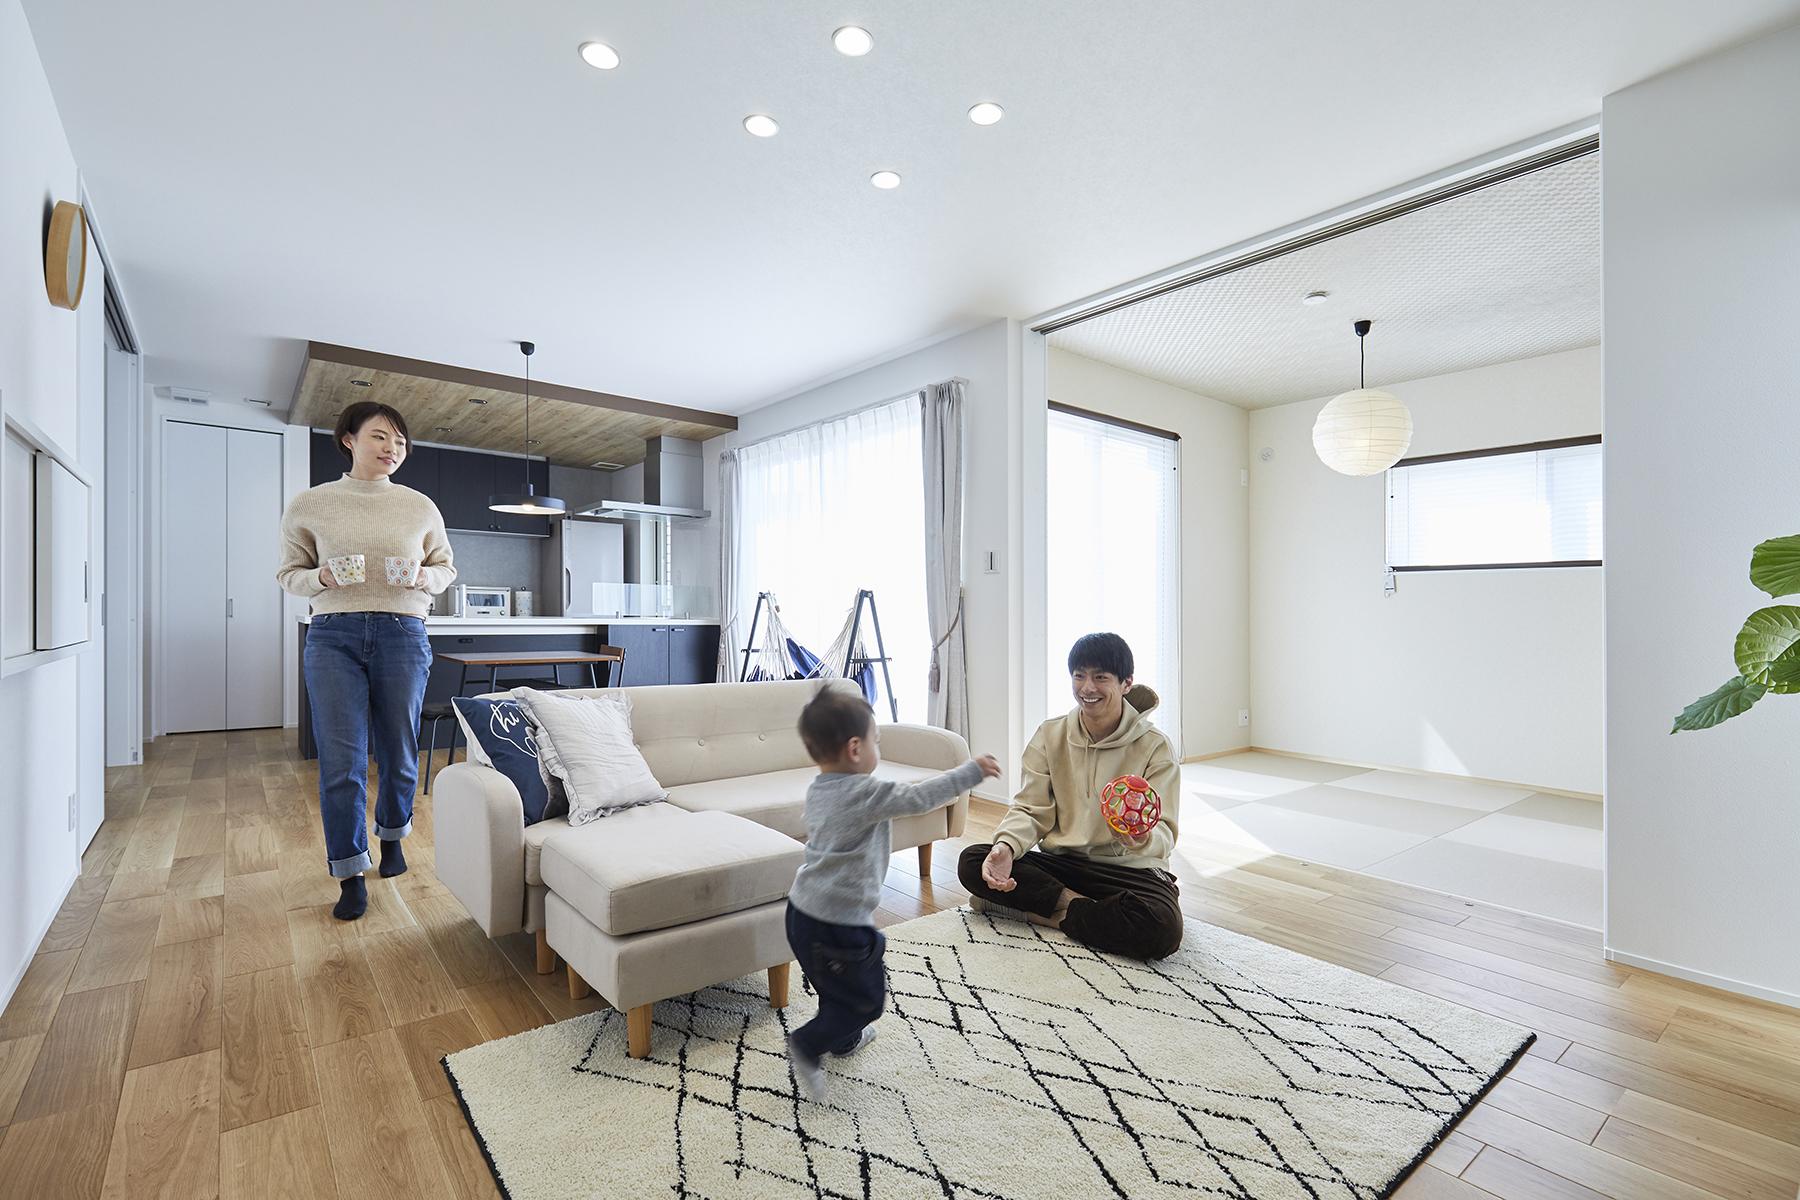 シンプルな空間にさりげない工夫を詰め込んだ家